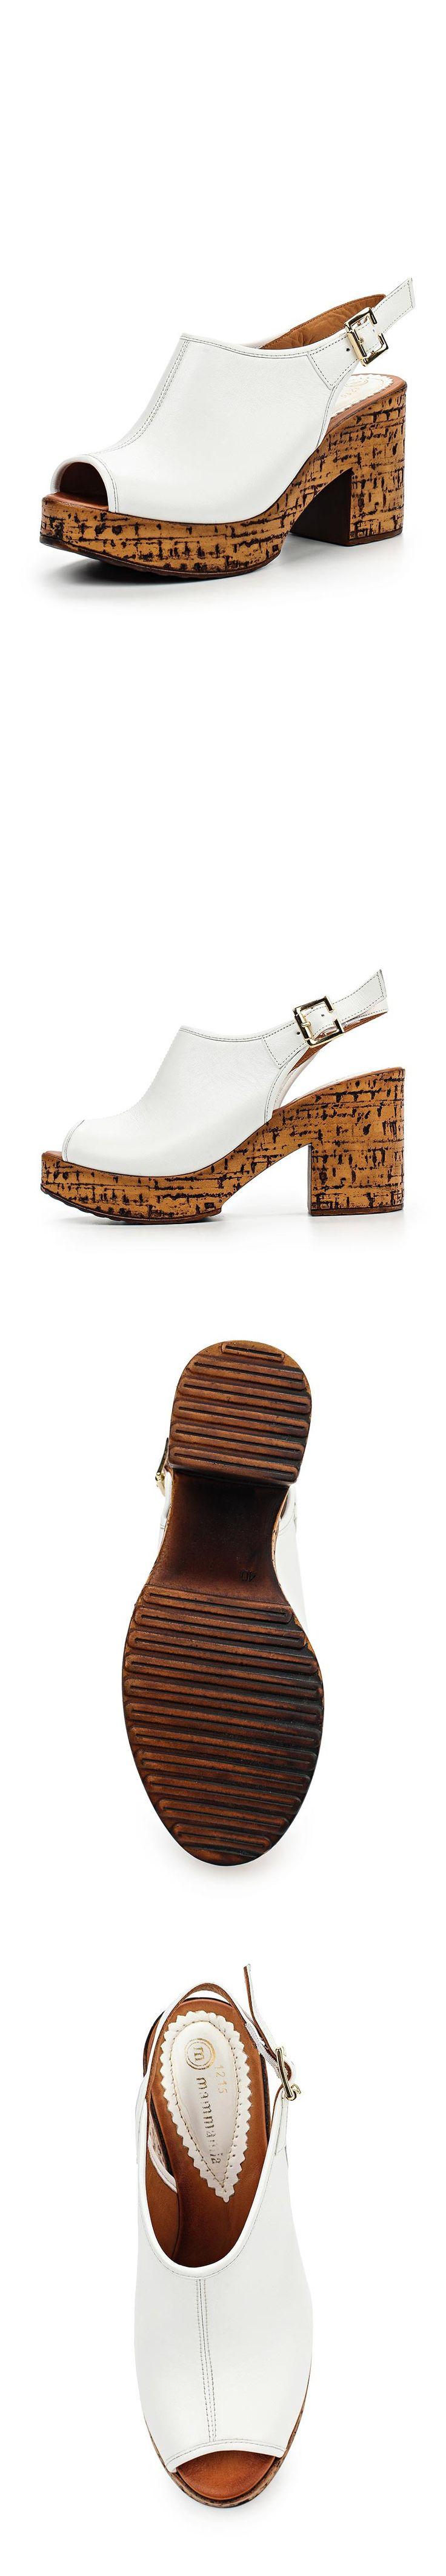 Женская обувь босоножки Mamma Mia за 9399.00 руб.